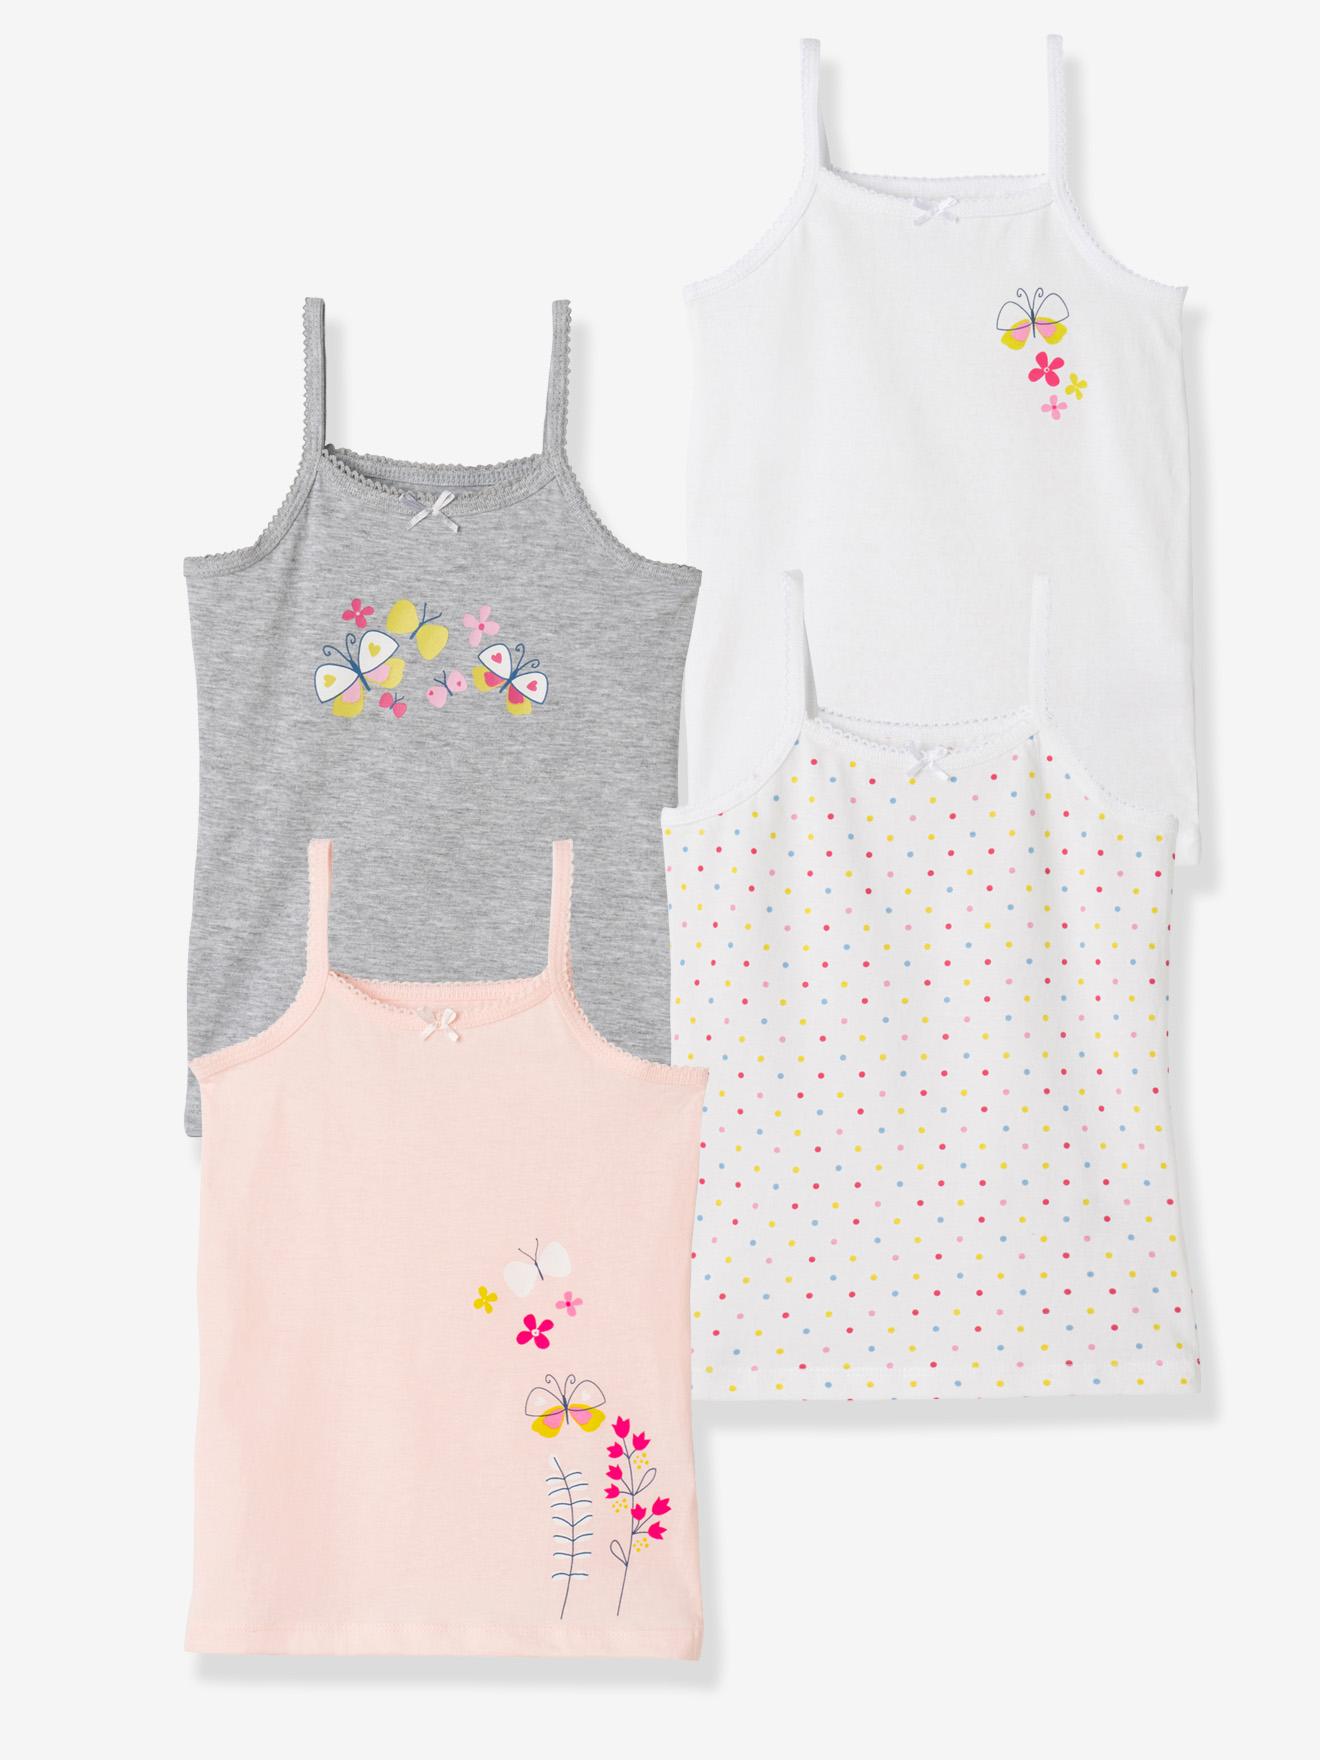 Unterwäsche für Mädchen mit hübschen Designs